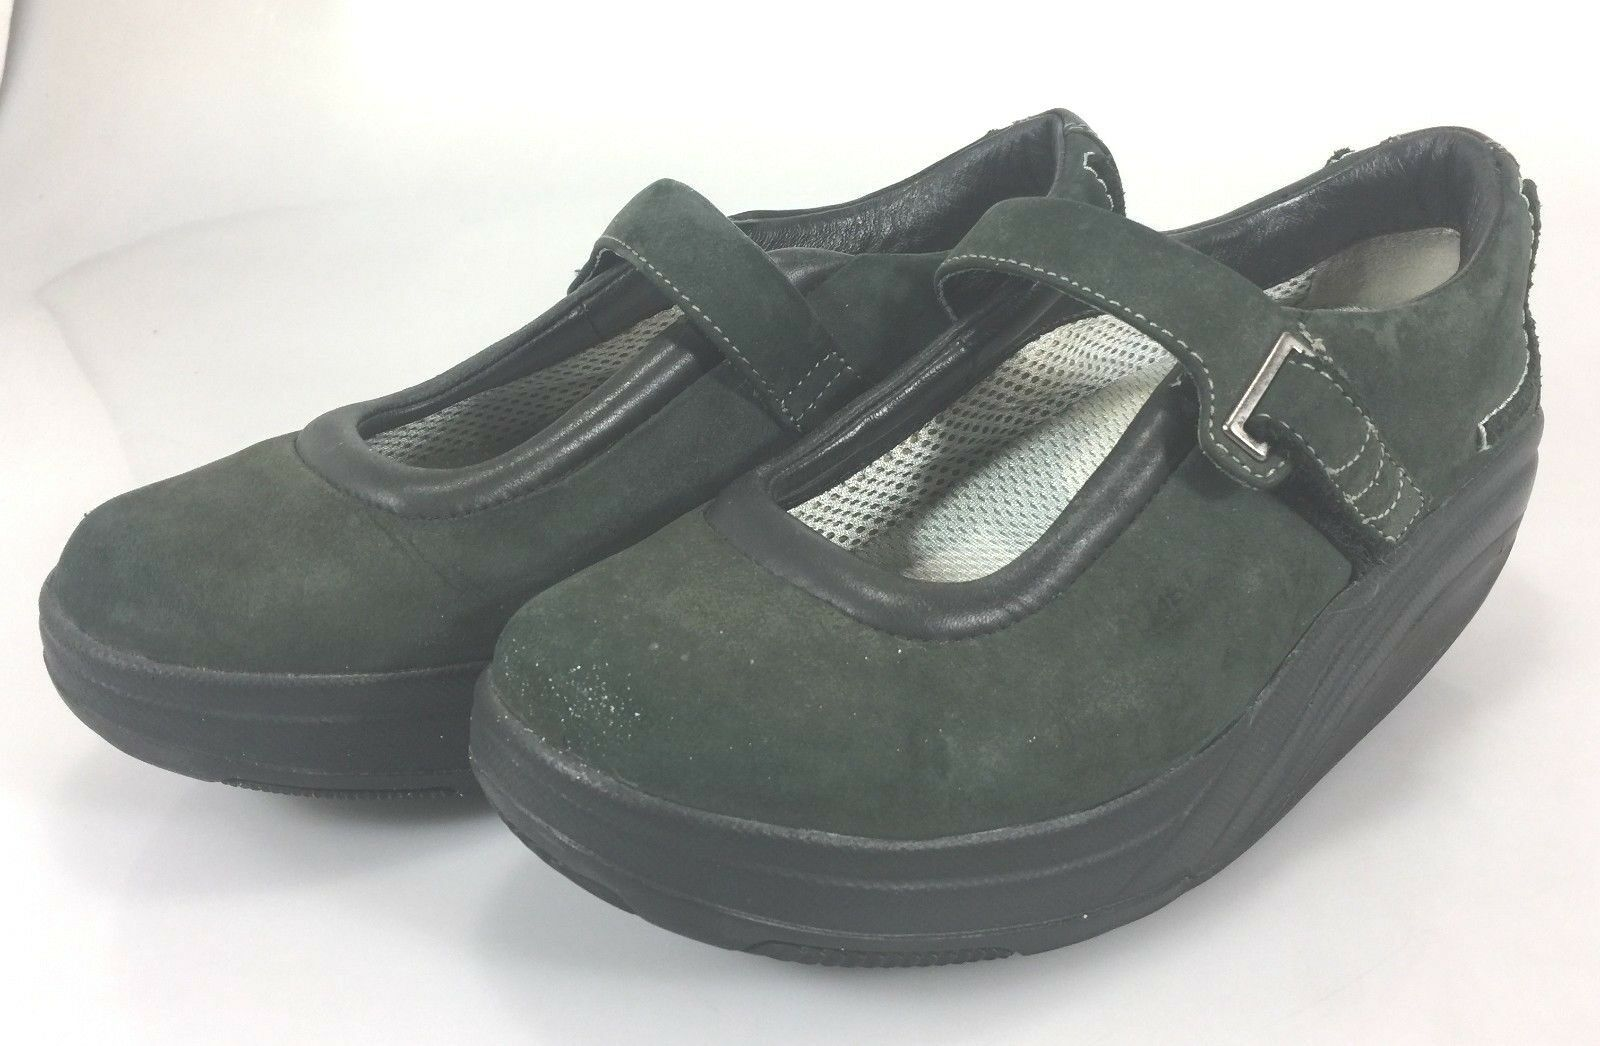 MBT mujer EE. UU. 7.5 Eje de Balancín Caminar Zapatos Zapatos Zapatos Mary Janes EU 37.67 De Cuero verde Oscuro  oferta de tienda